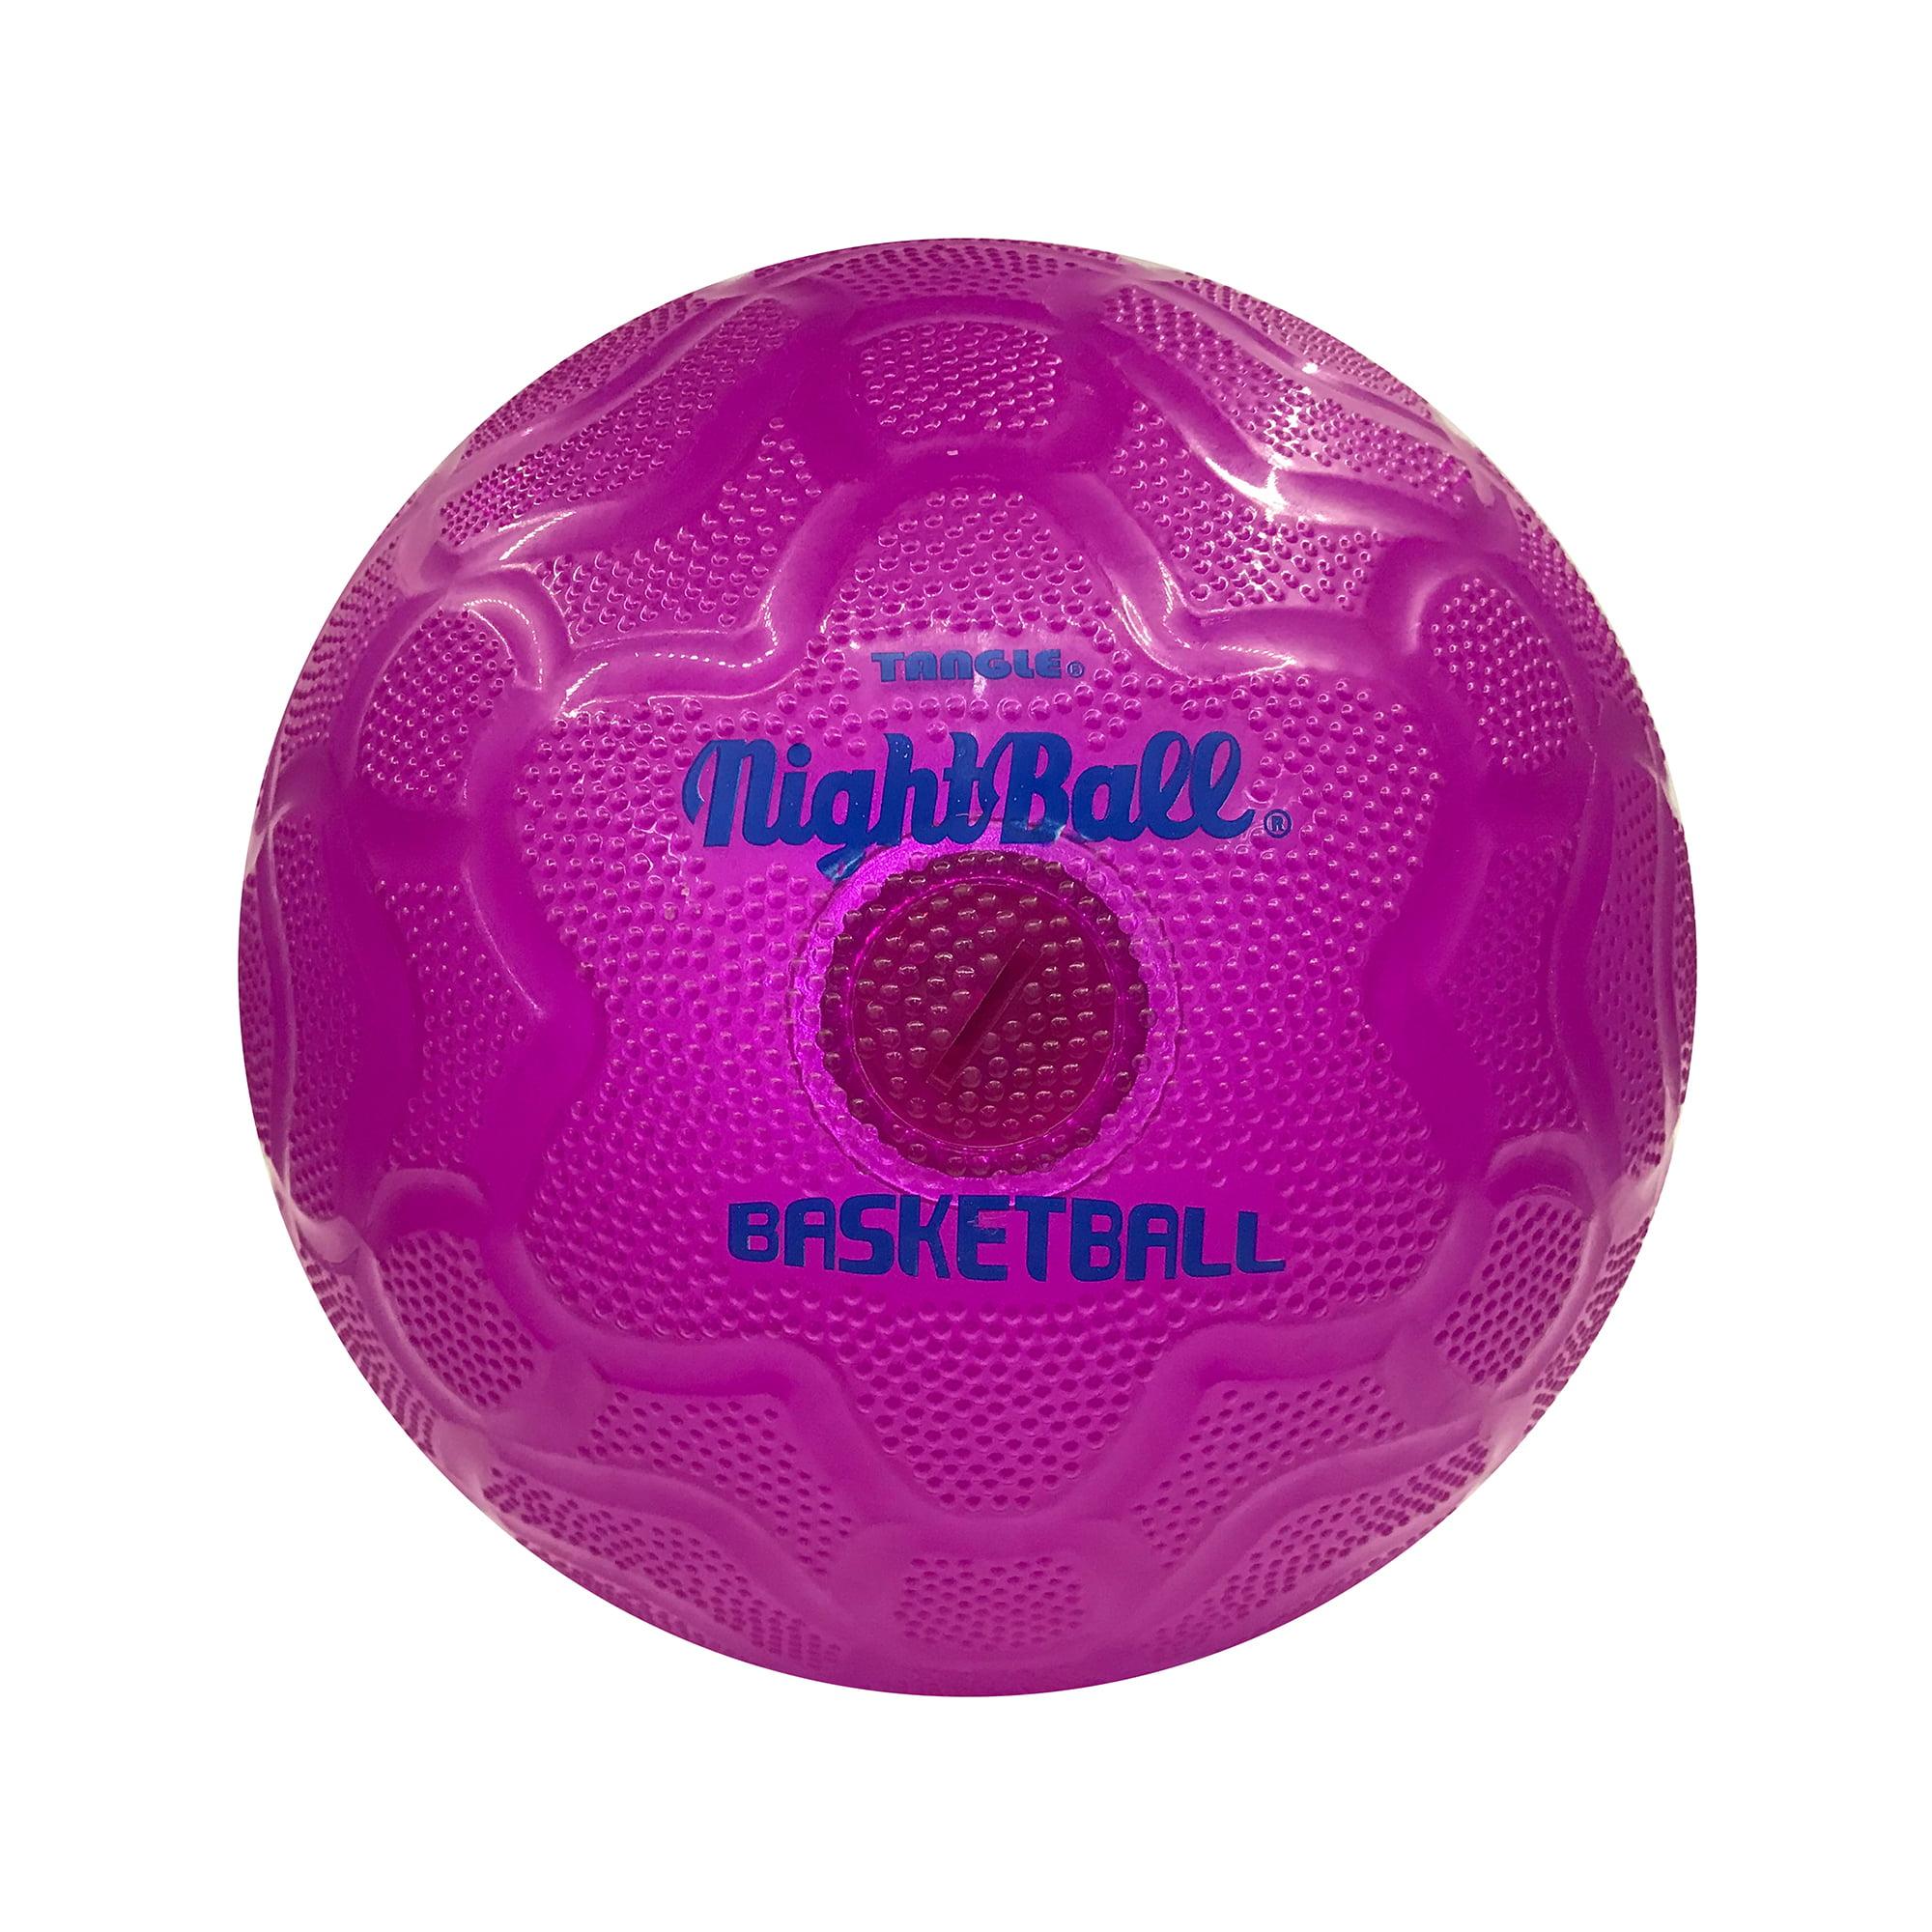 Tangle Creations - NightBall Basketball, Magenta